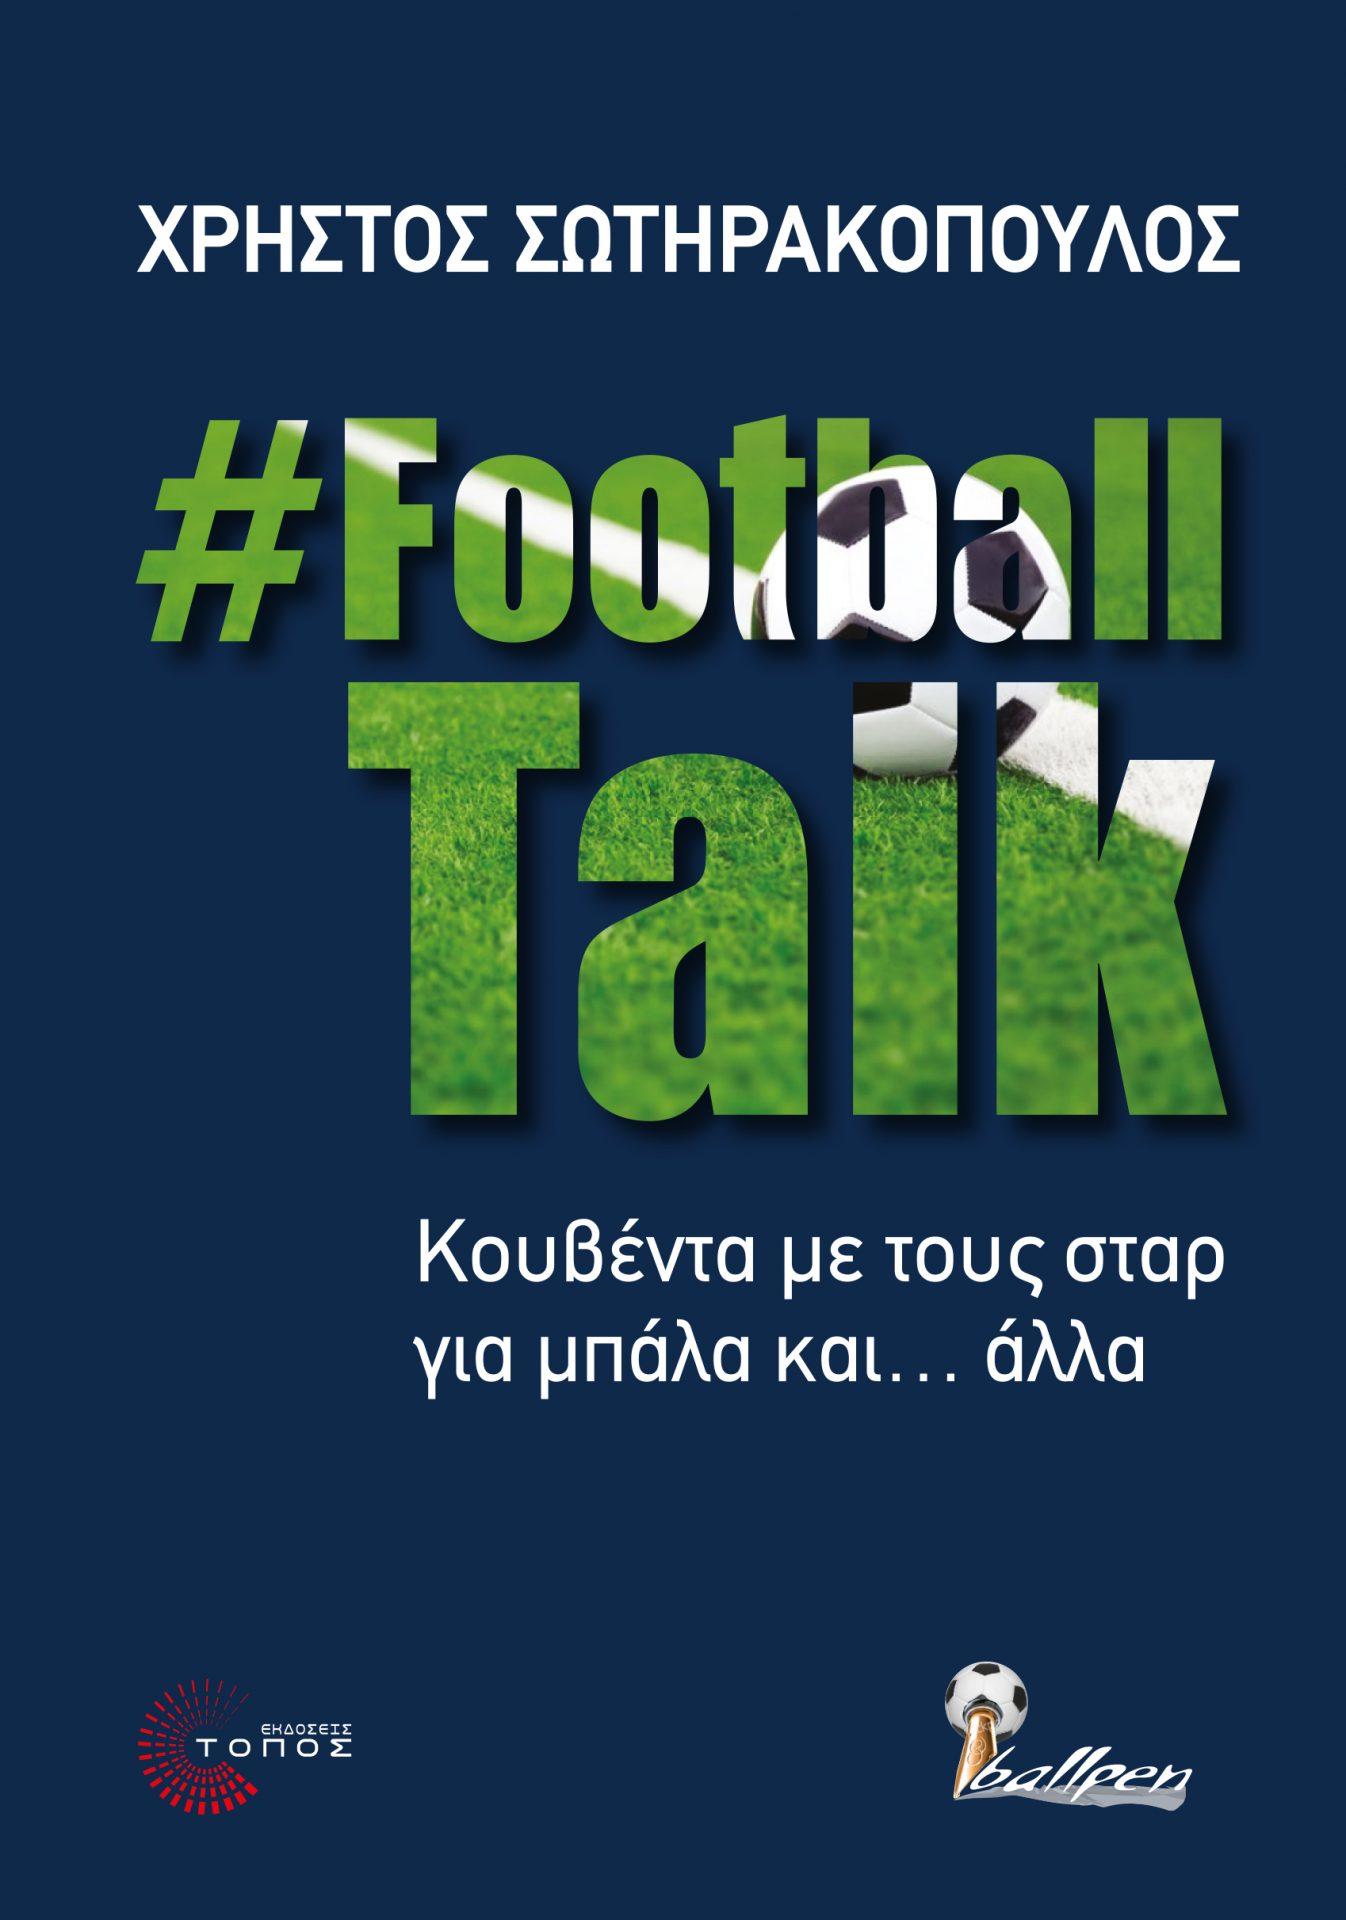 Ένα #FootballTalk από τον Χρήστο Σωτηρακόπουλο για όσους  λατρεύουν το ποδόσφαιρο!